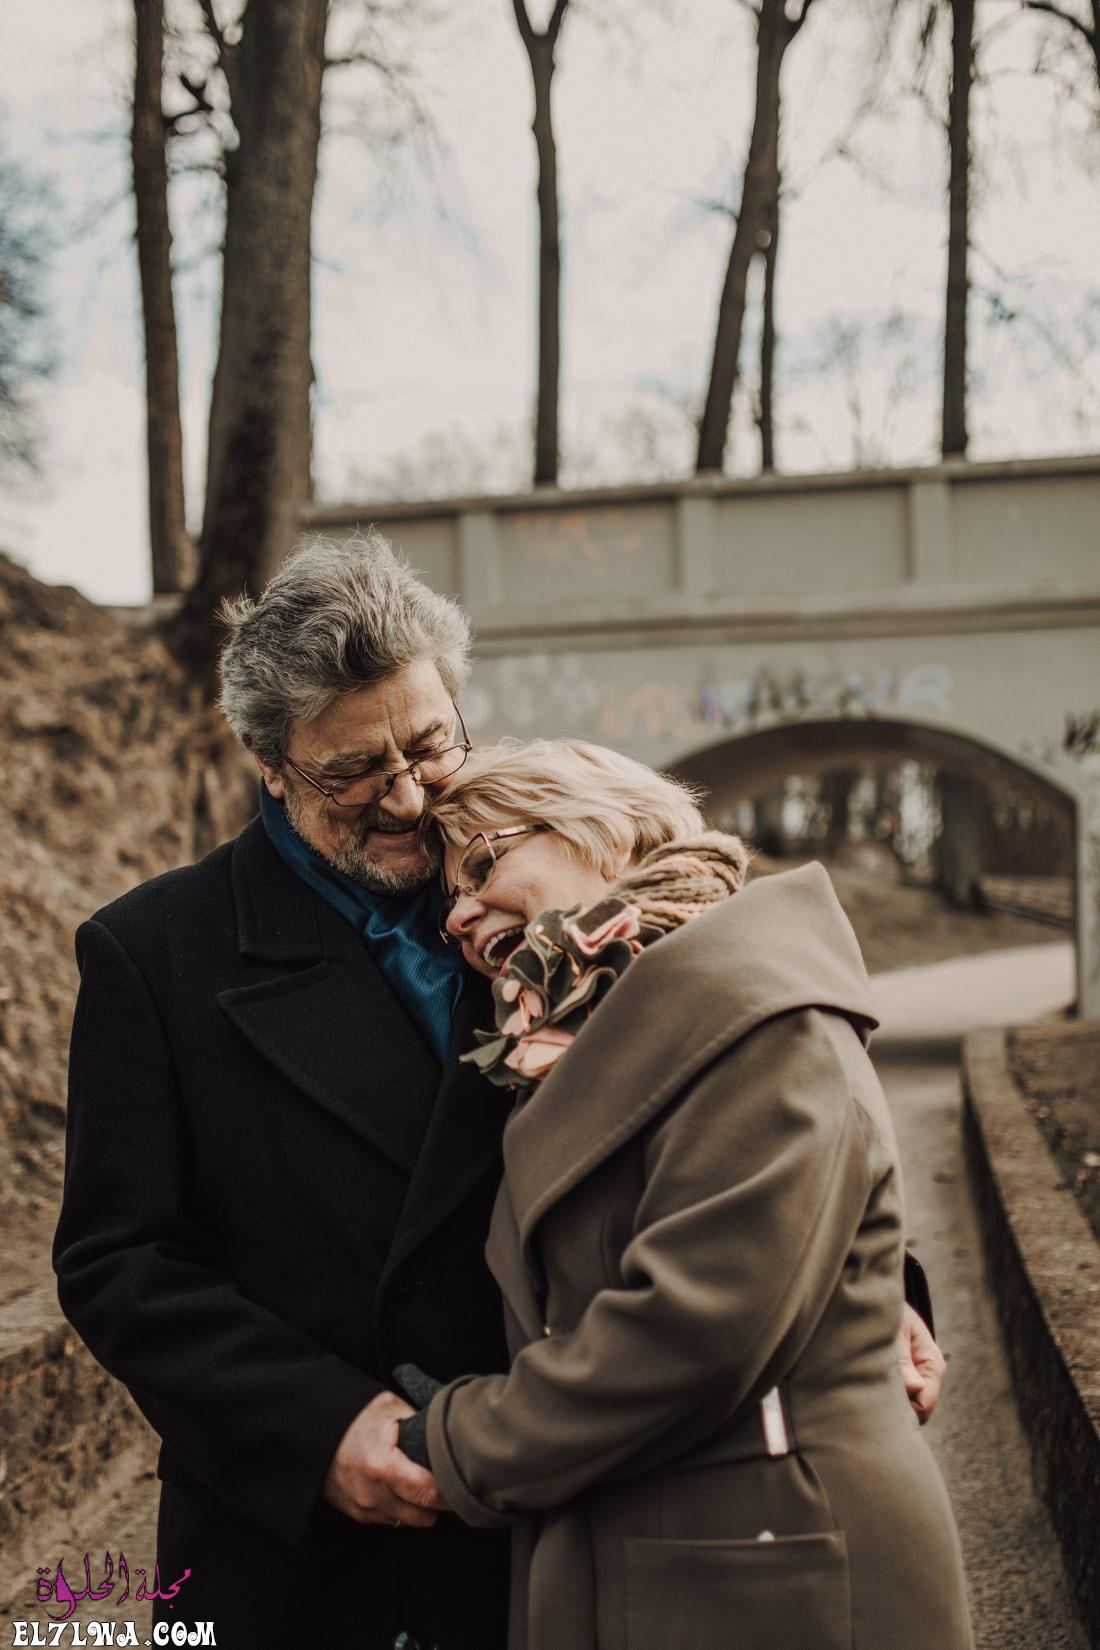 اجمل الصور المعبرة عن الحب والرومانسية